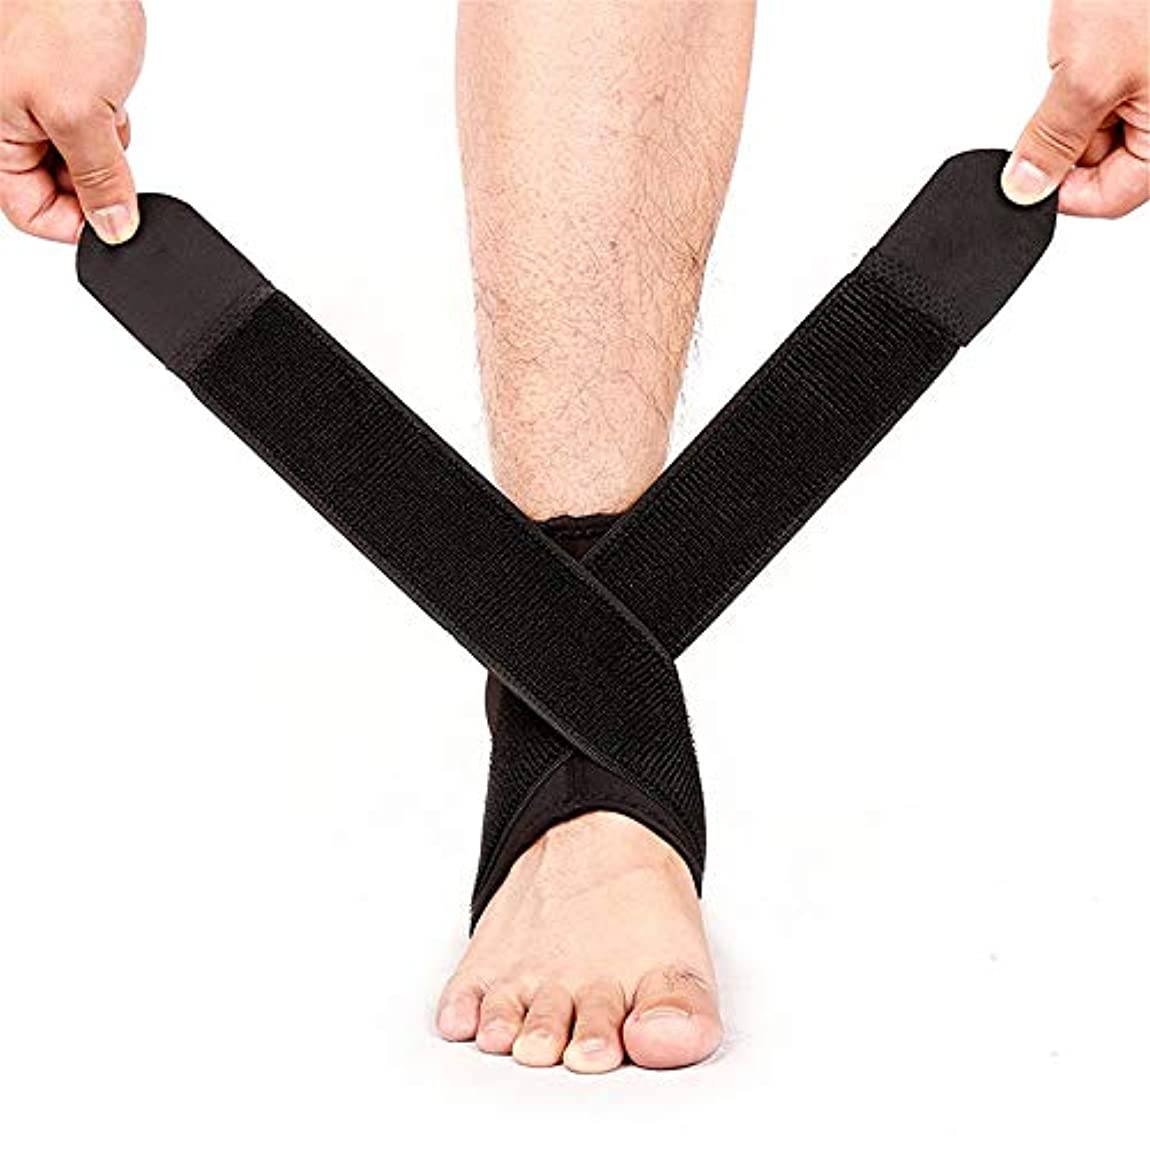 ビーチ禁止するブルーベル足首サポート、圧縮弾性高保護スポーツ調節可能な通気性安全足首ブレース足首関節